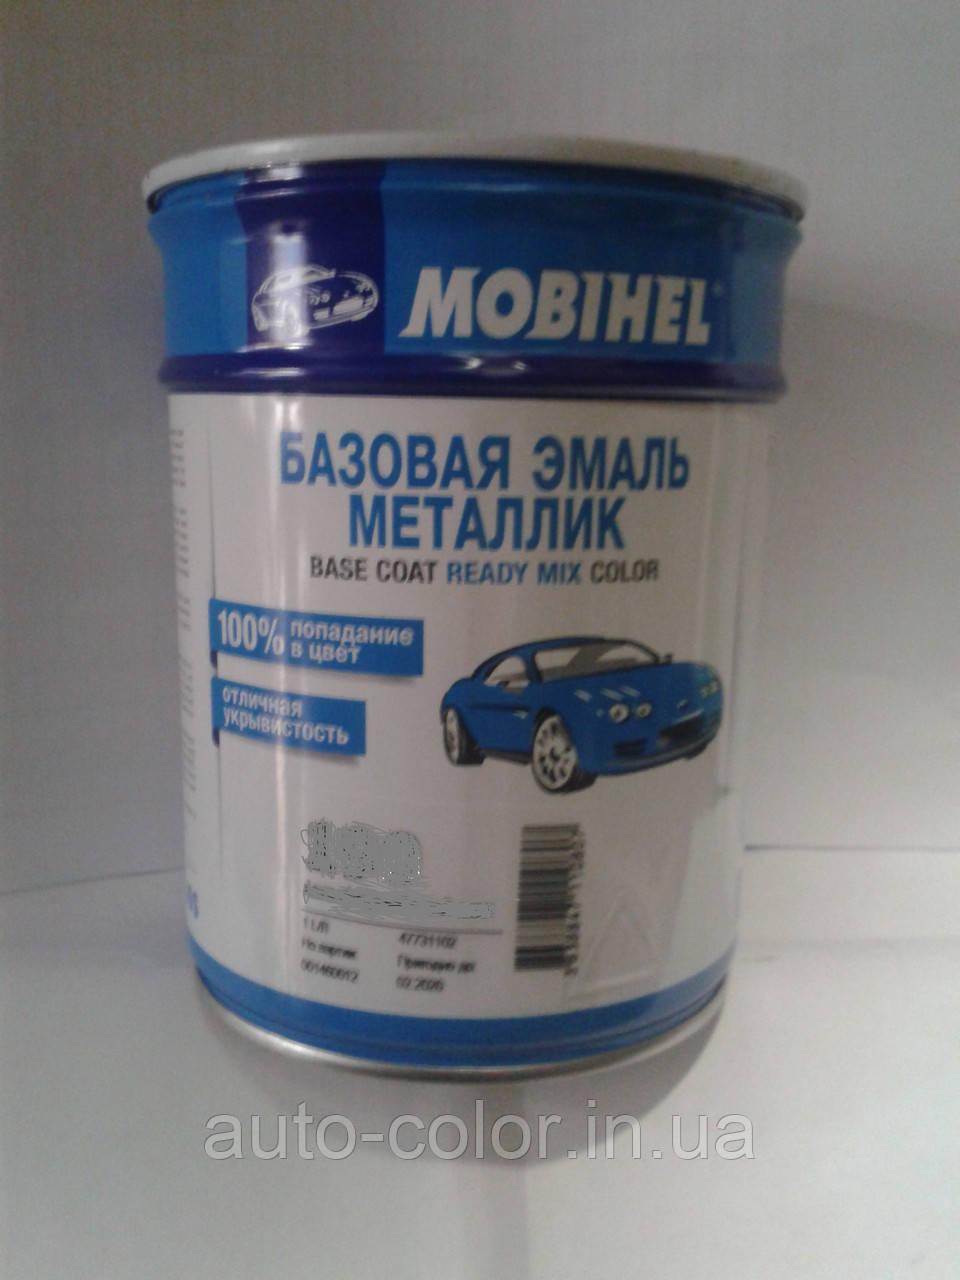 Автоэмаль базовая металлик Mobihel  670 Сандаловый 1л